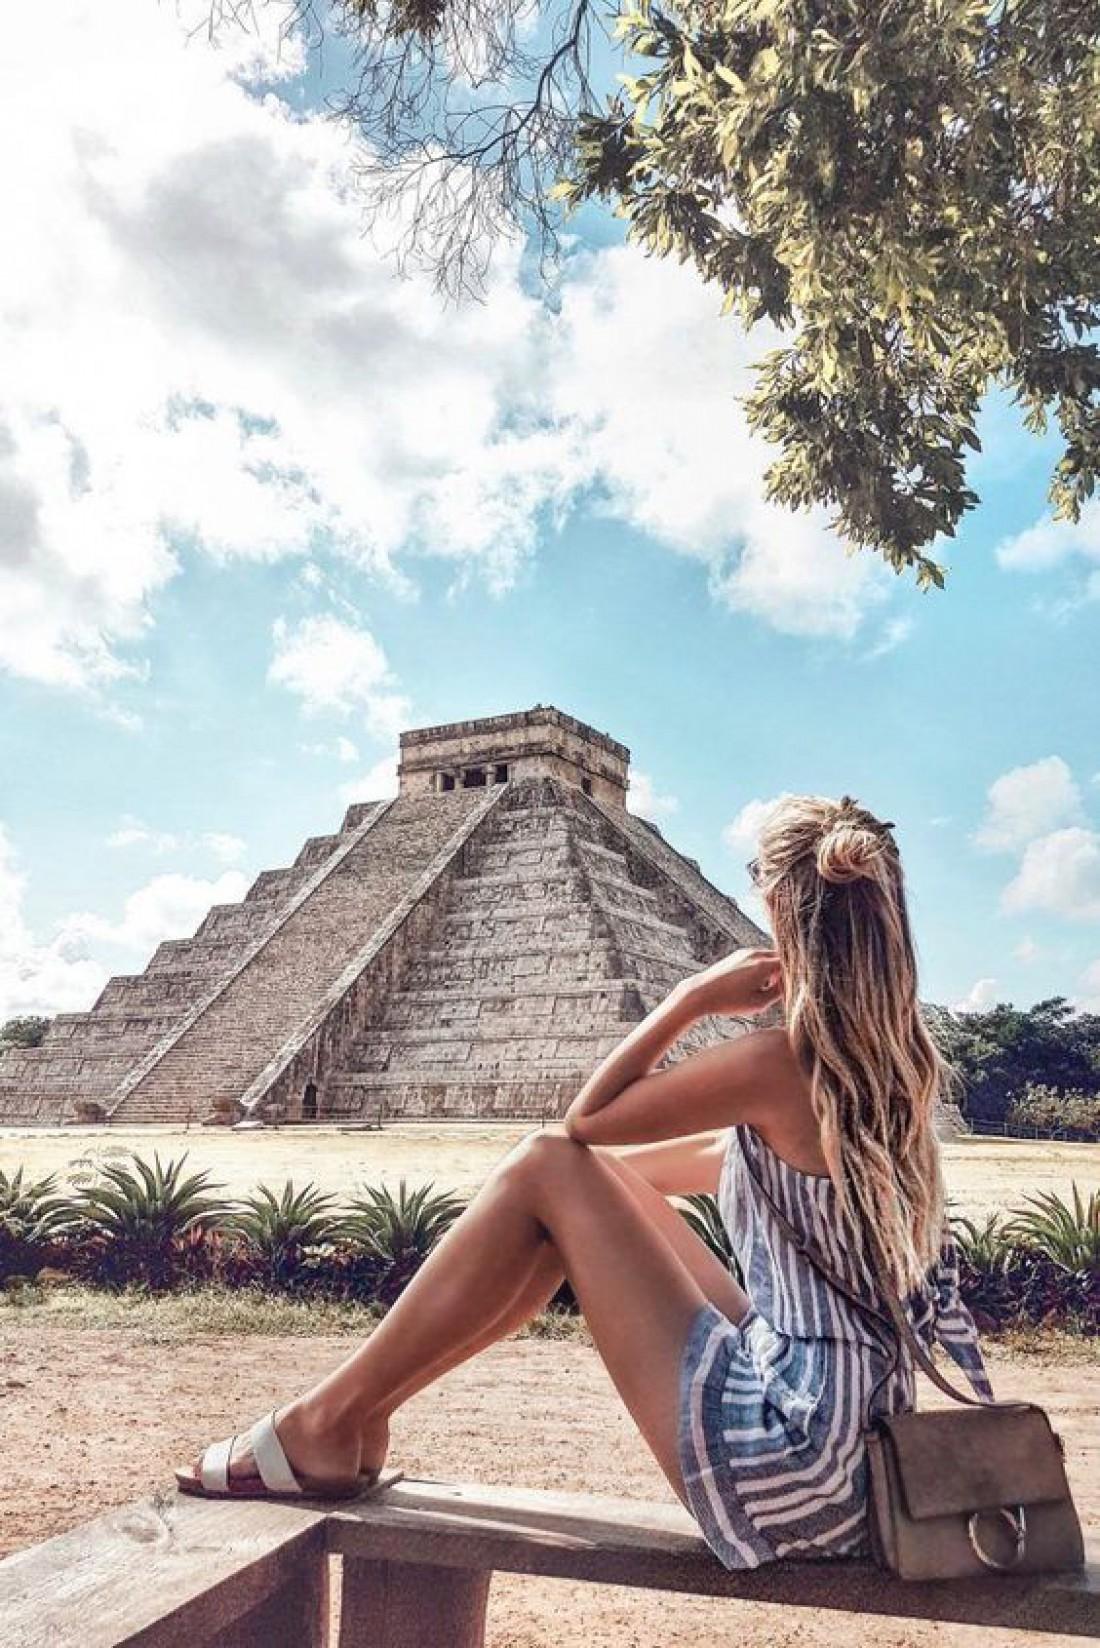 Пирамиды Теотиуакан позволяют прикоснуться к древней истории